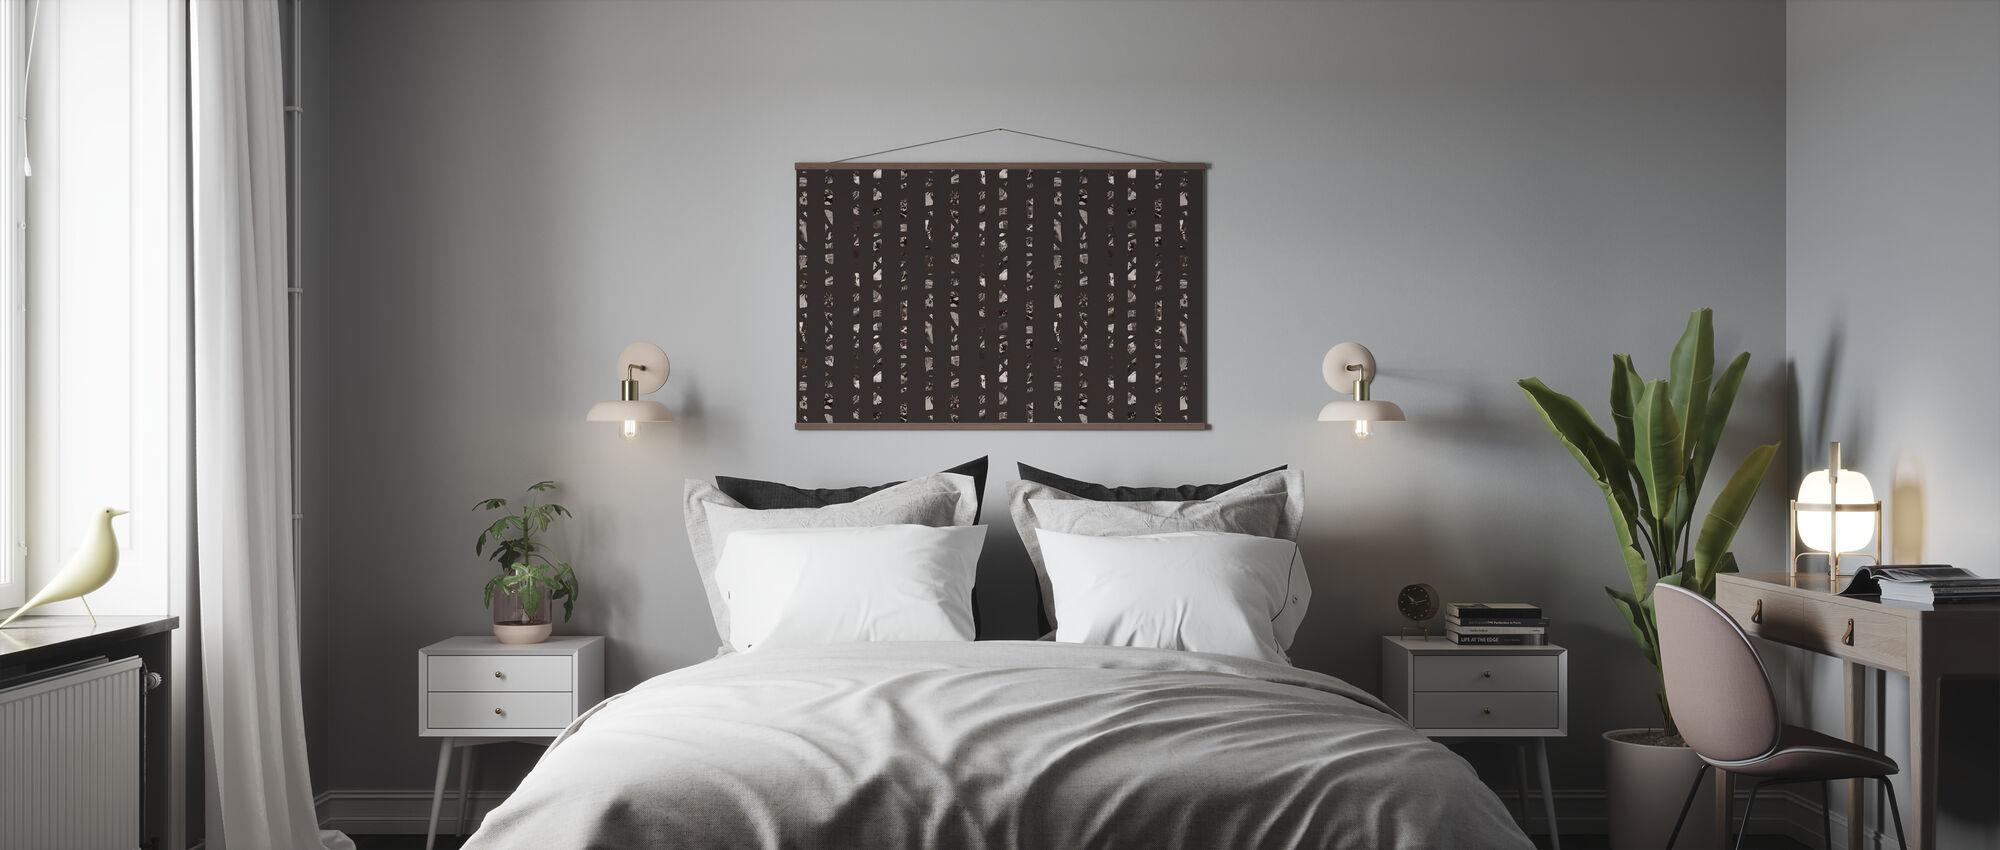 Studio Rita | Julia Heurling - Hinter Bäumen - Dark - Poster - Schlafzimmer